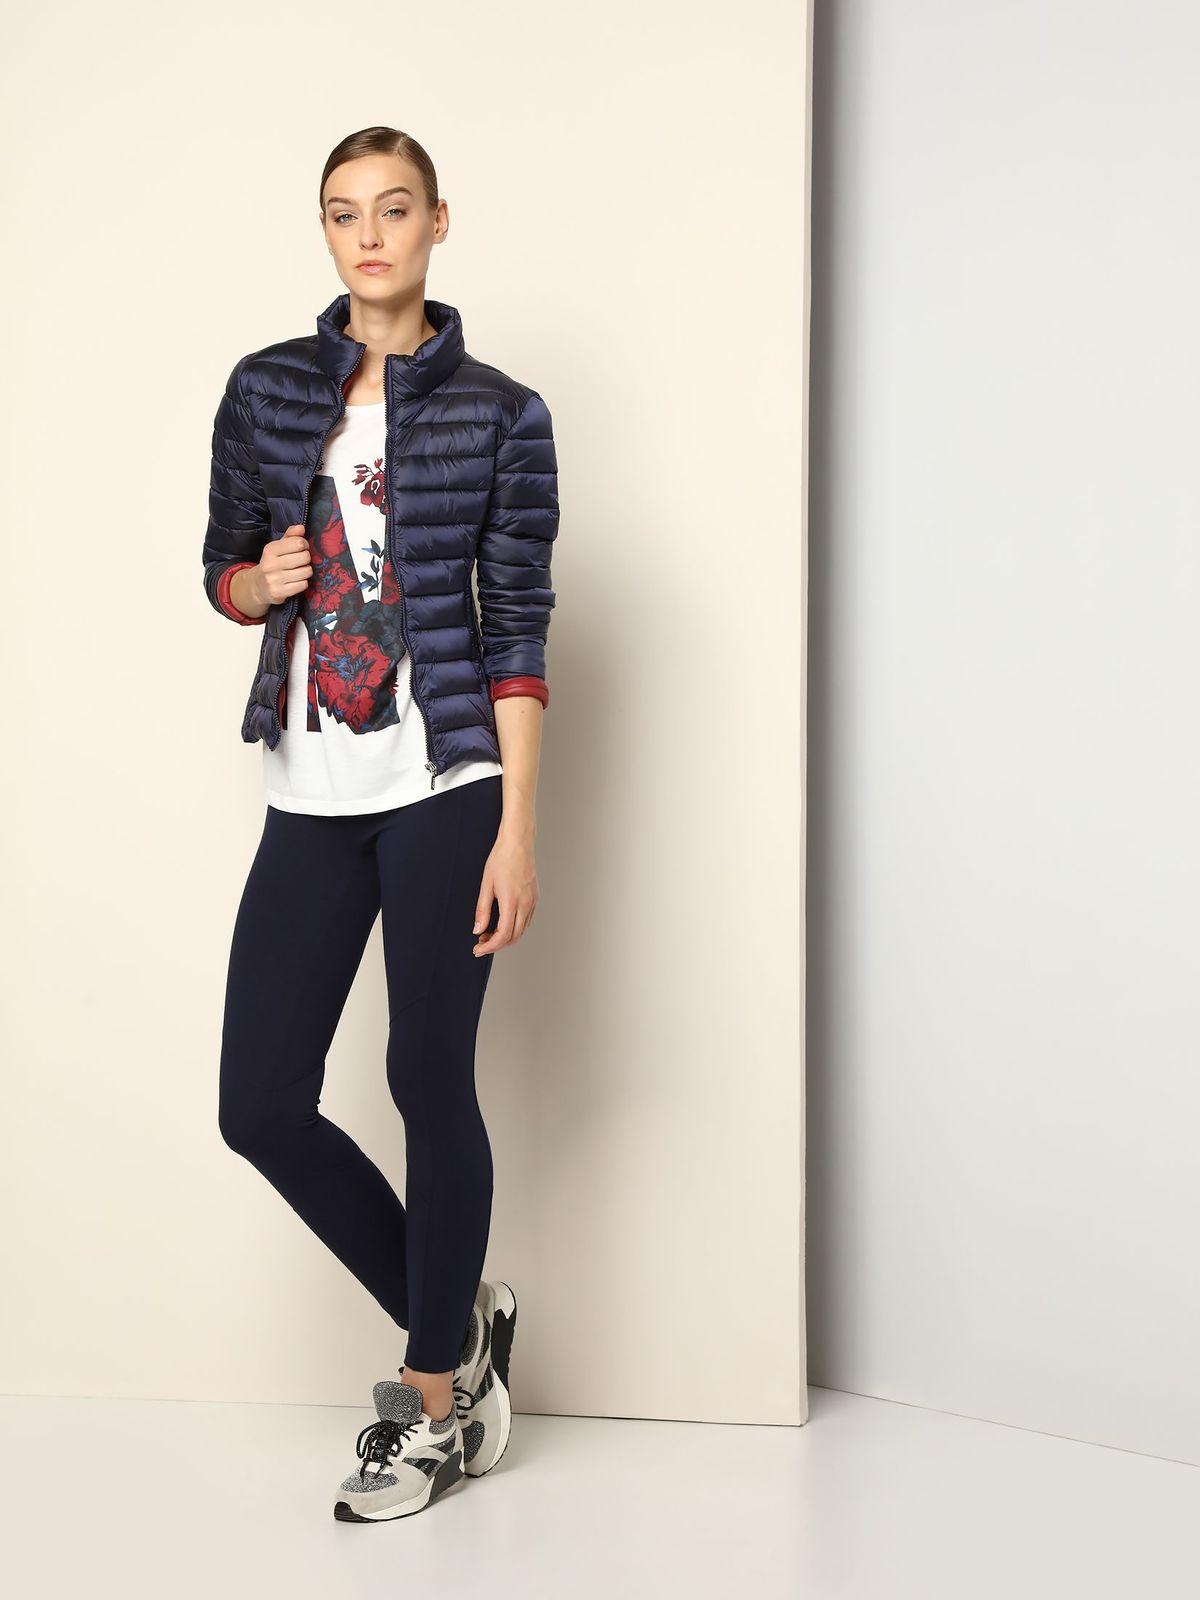 КурткаDKU0069GRСтильная женская куртка Drywash изготовлена из полиамида. В качестве утеплителя используется синтепон. Модель с воротником-стойкой застегивается на застежку-молнию. Спереди расположены два прорезных кармана на застежках-молниях.